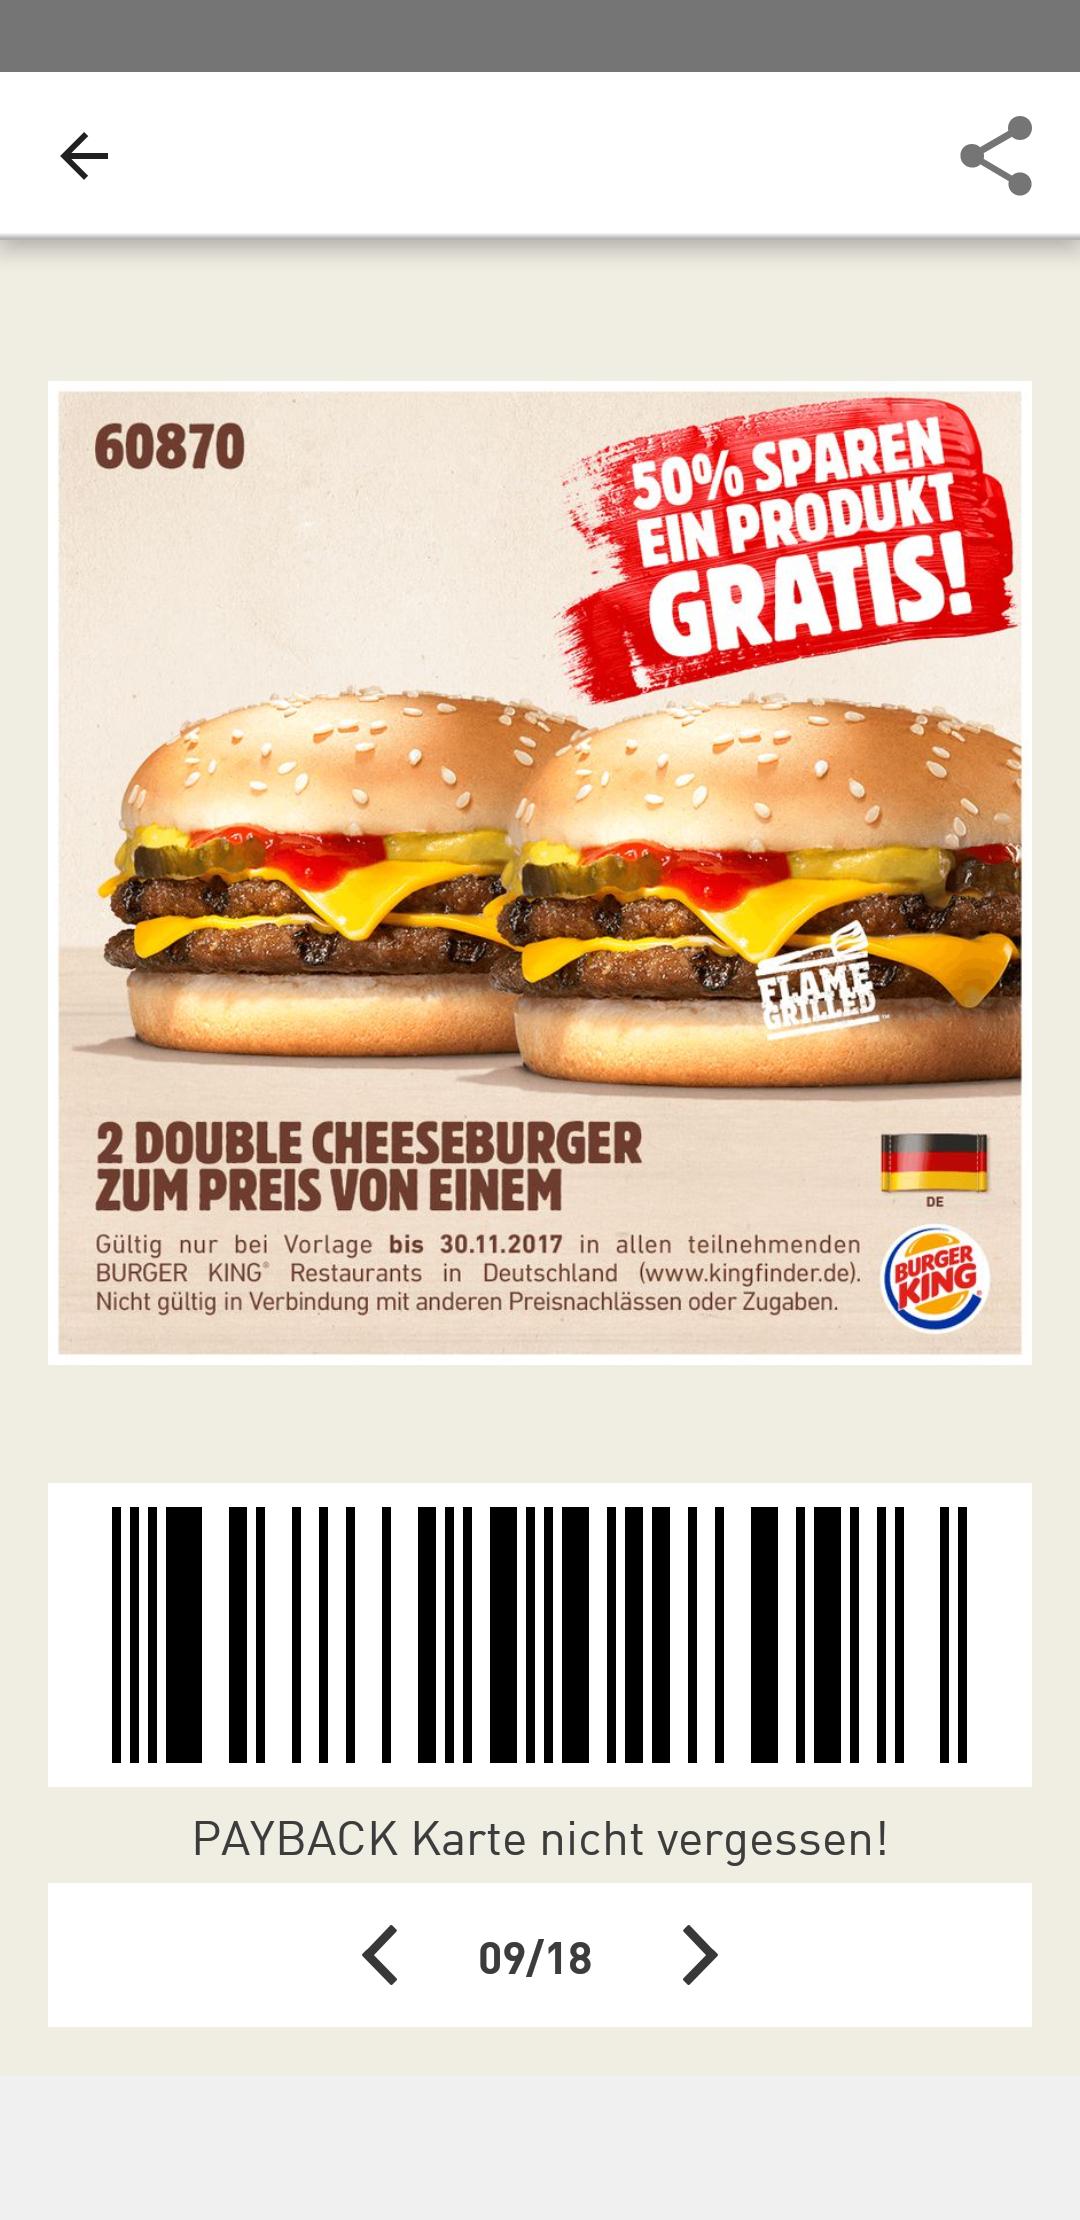 (Burger King) 2 Double Cheeseburger zum Preis von Einem